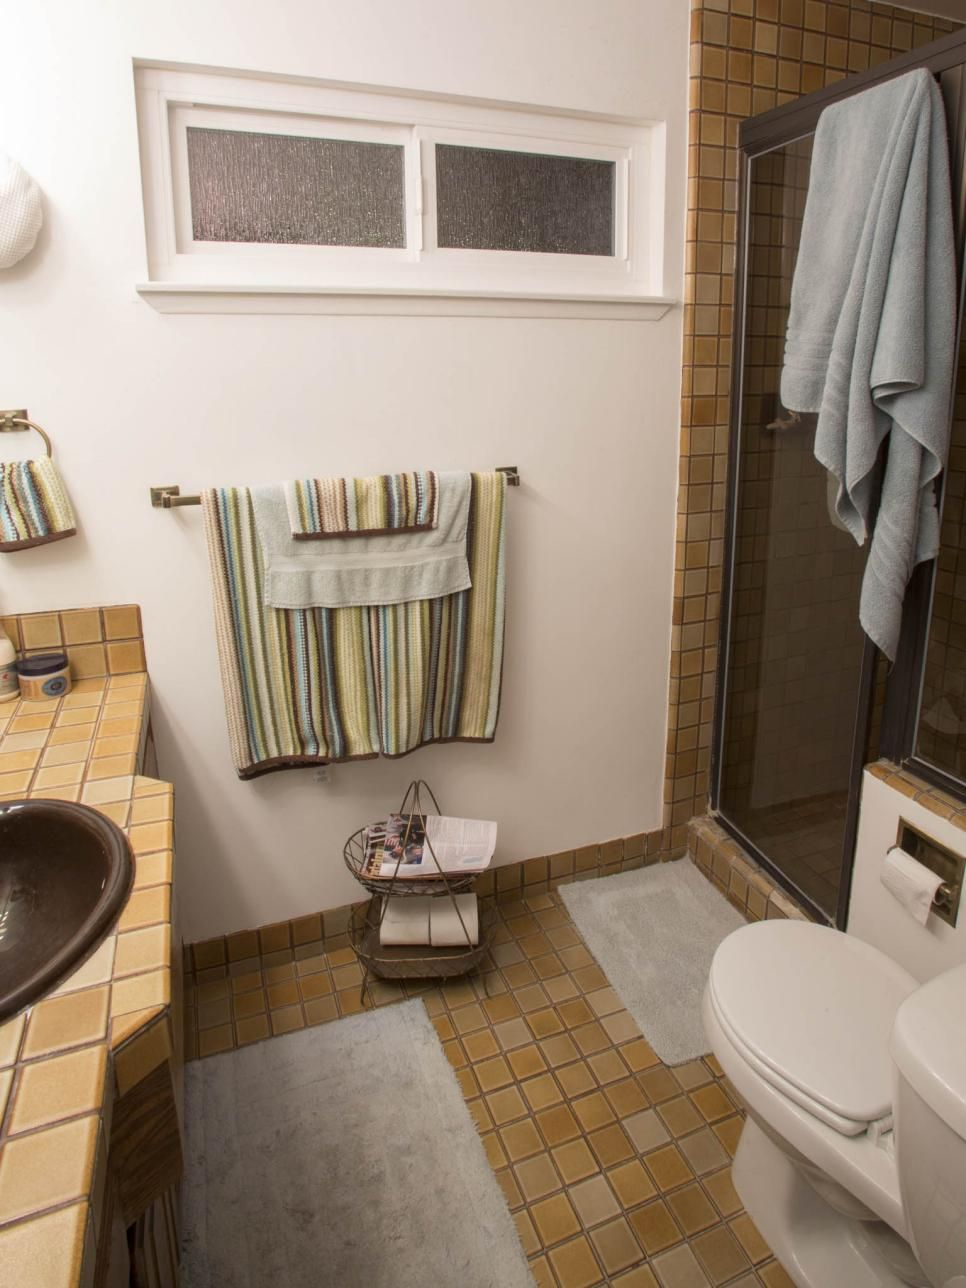 Badezimmer Umbau Ideen Für Kleines Bad Bad 2019